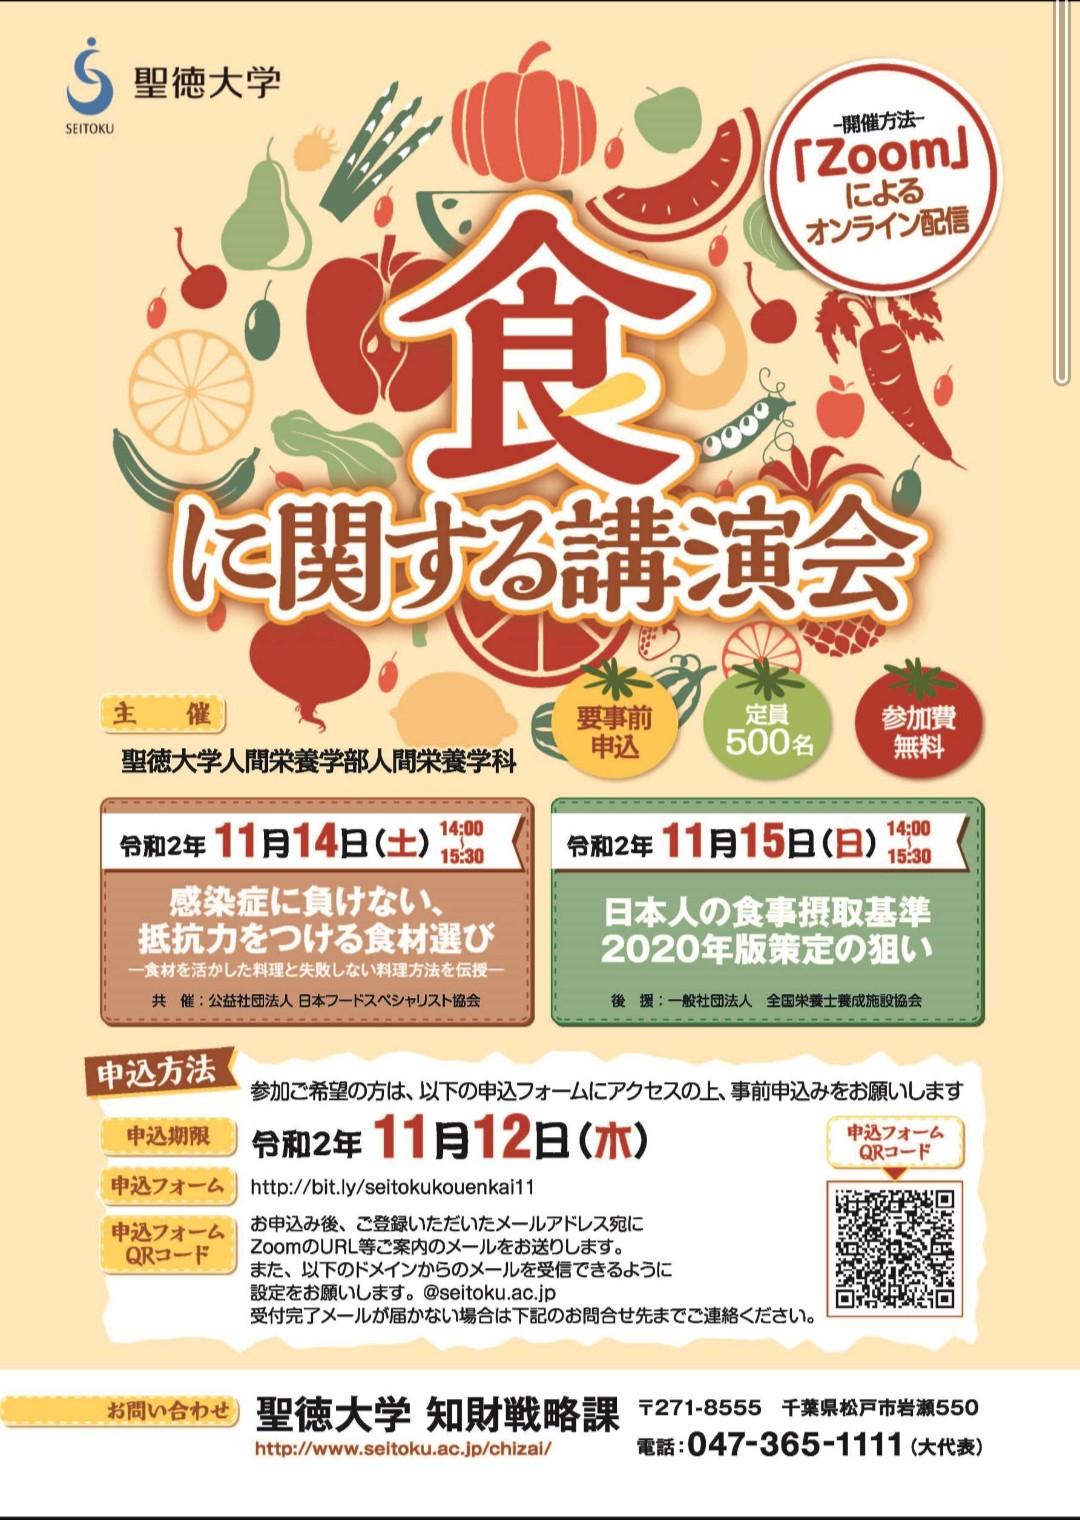 【聖徳祭】「食に関する講演会」を開催します!